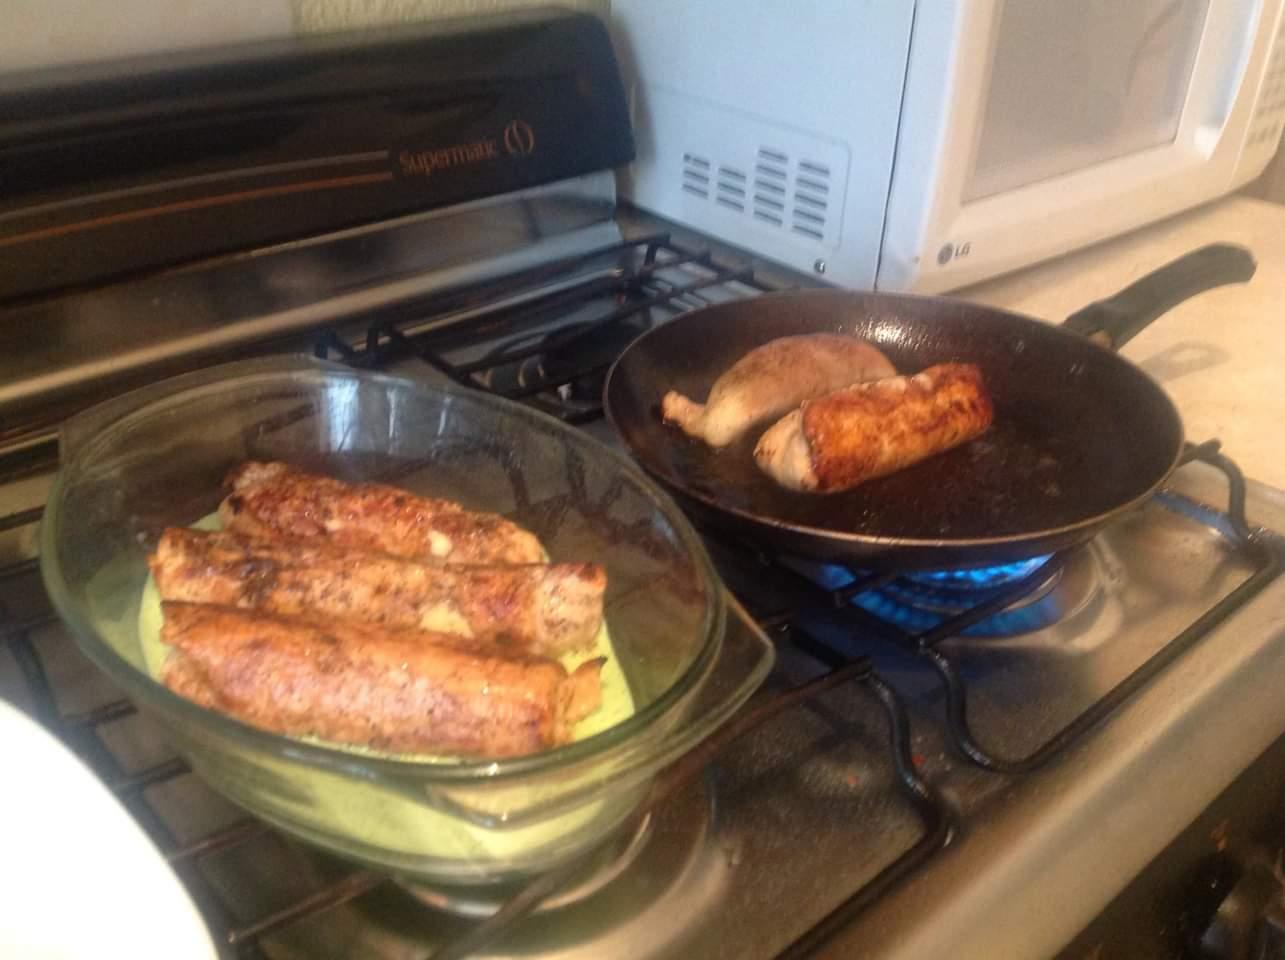 <p>Salpimiente las milanesas de pollo y extienda una por una en una tabla para picar, ponerle encima 1 rebanada de jamón, 40 g de queso manchego, gouda o oaxaca y 6 hojas de espinaca.Enróllela y sujete las orillas con palillos de madera. Repita este paso con el resto de las milanesas y los demás ingredientes.</p>